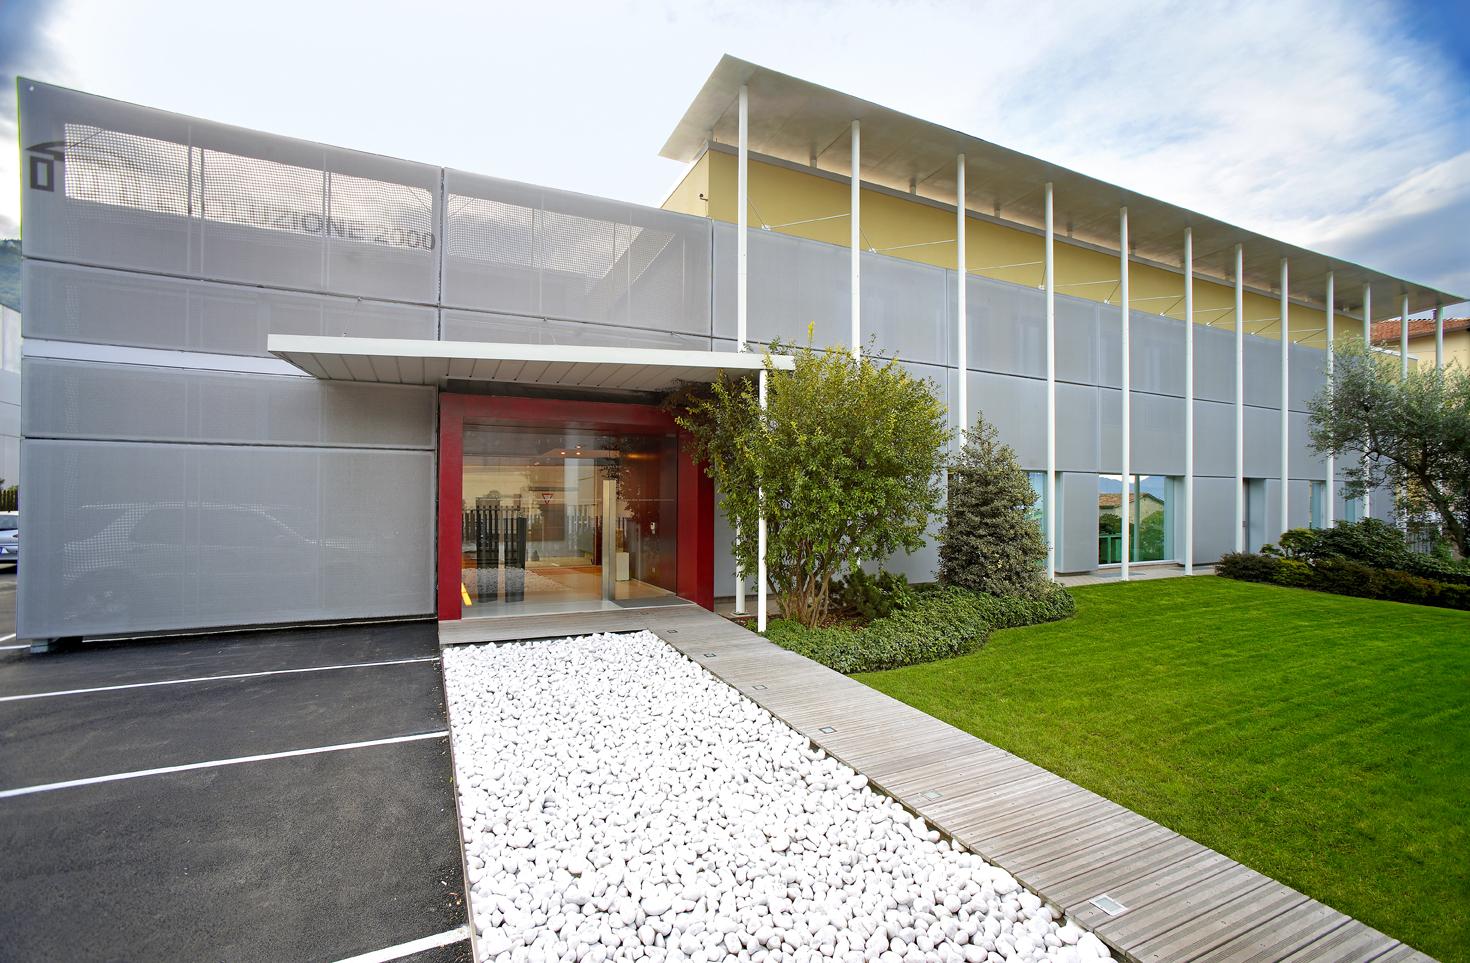 Studio-di-architettura-Baisotti-Sigala-prgetti16